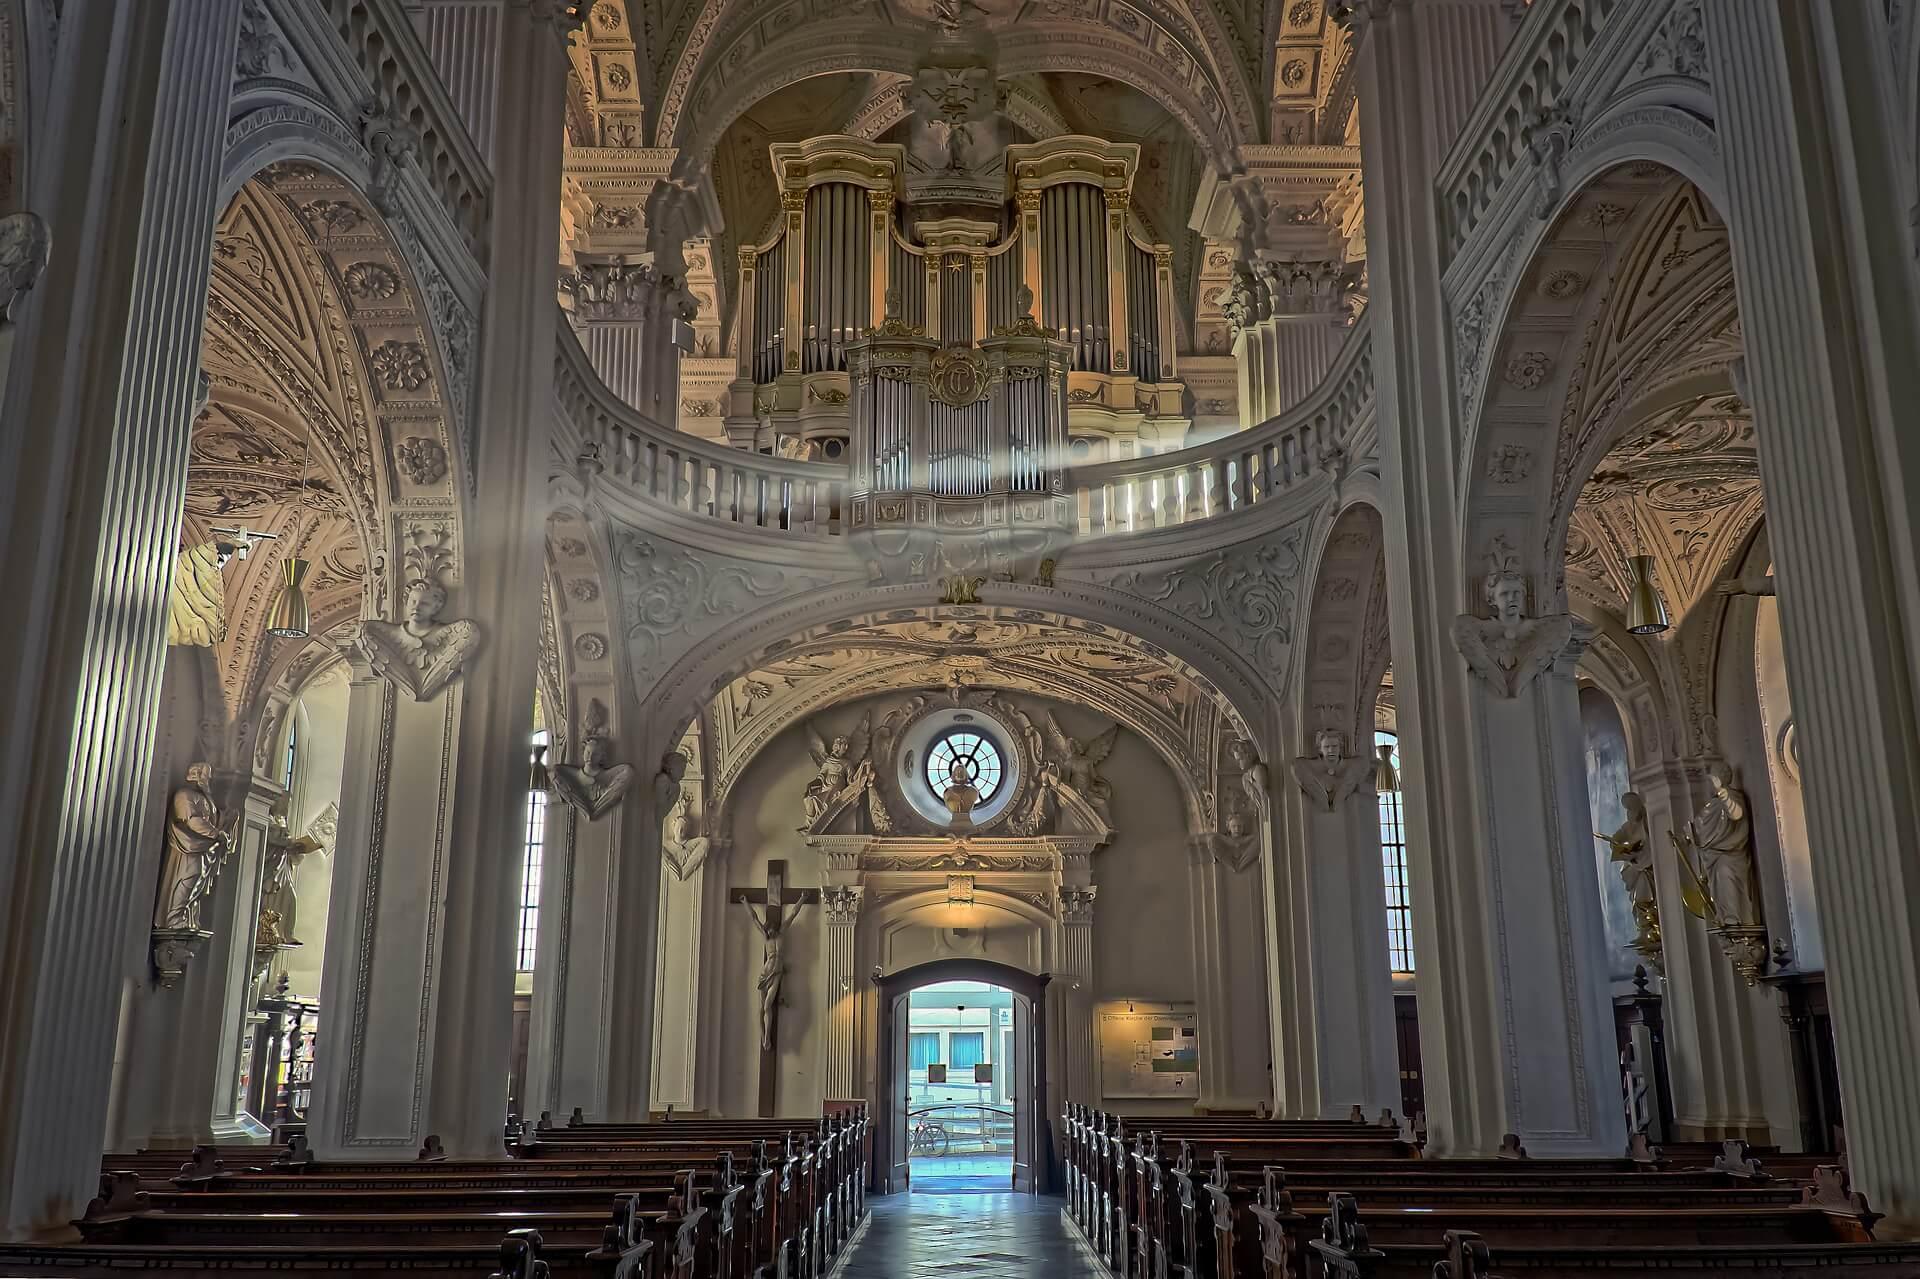 8 Fuß – der Orgelpodcast startet